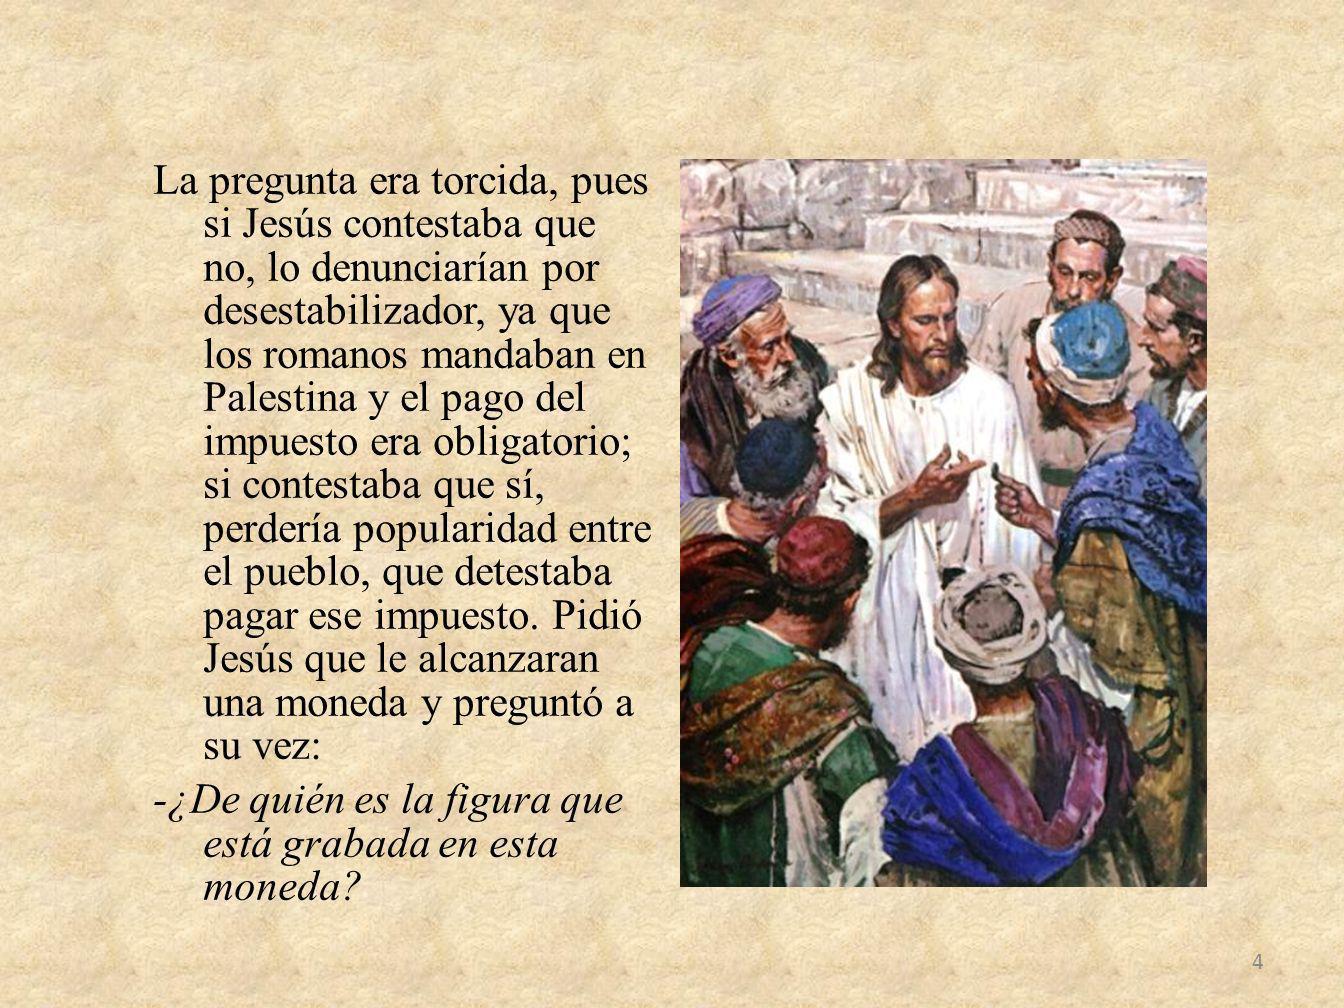 La pregunta era torcida, pues si Jesús contestaba que no, lo denunciarían por desestabilizador, ya que los romanos mandaban en Palestina y el pago del